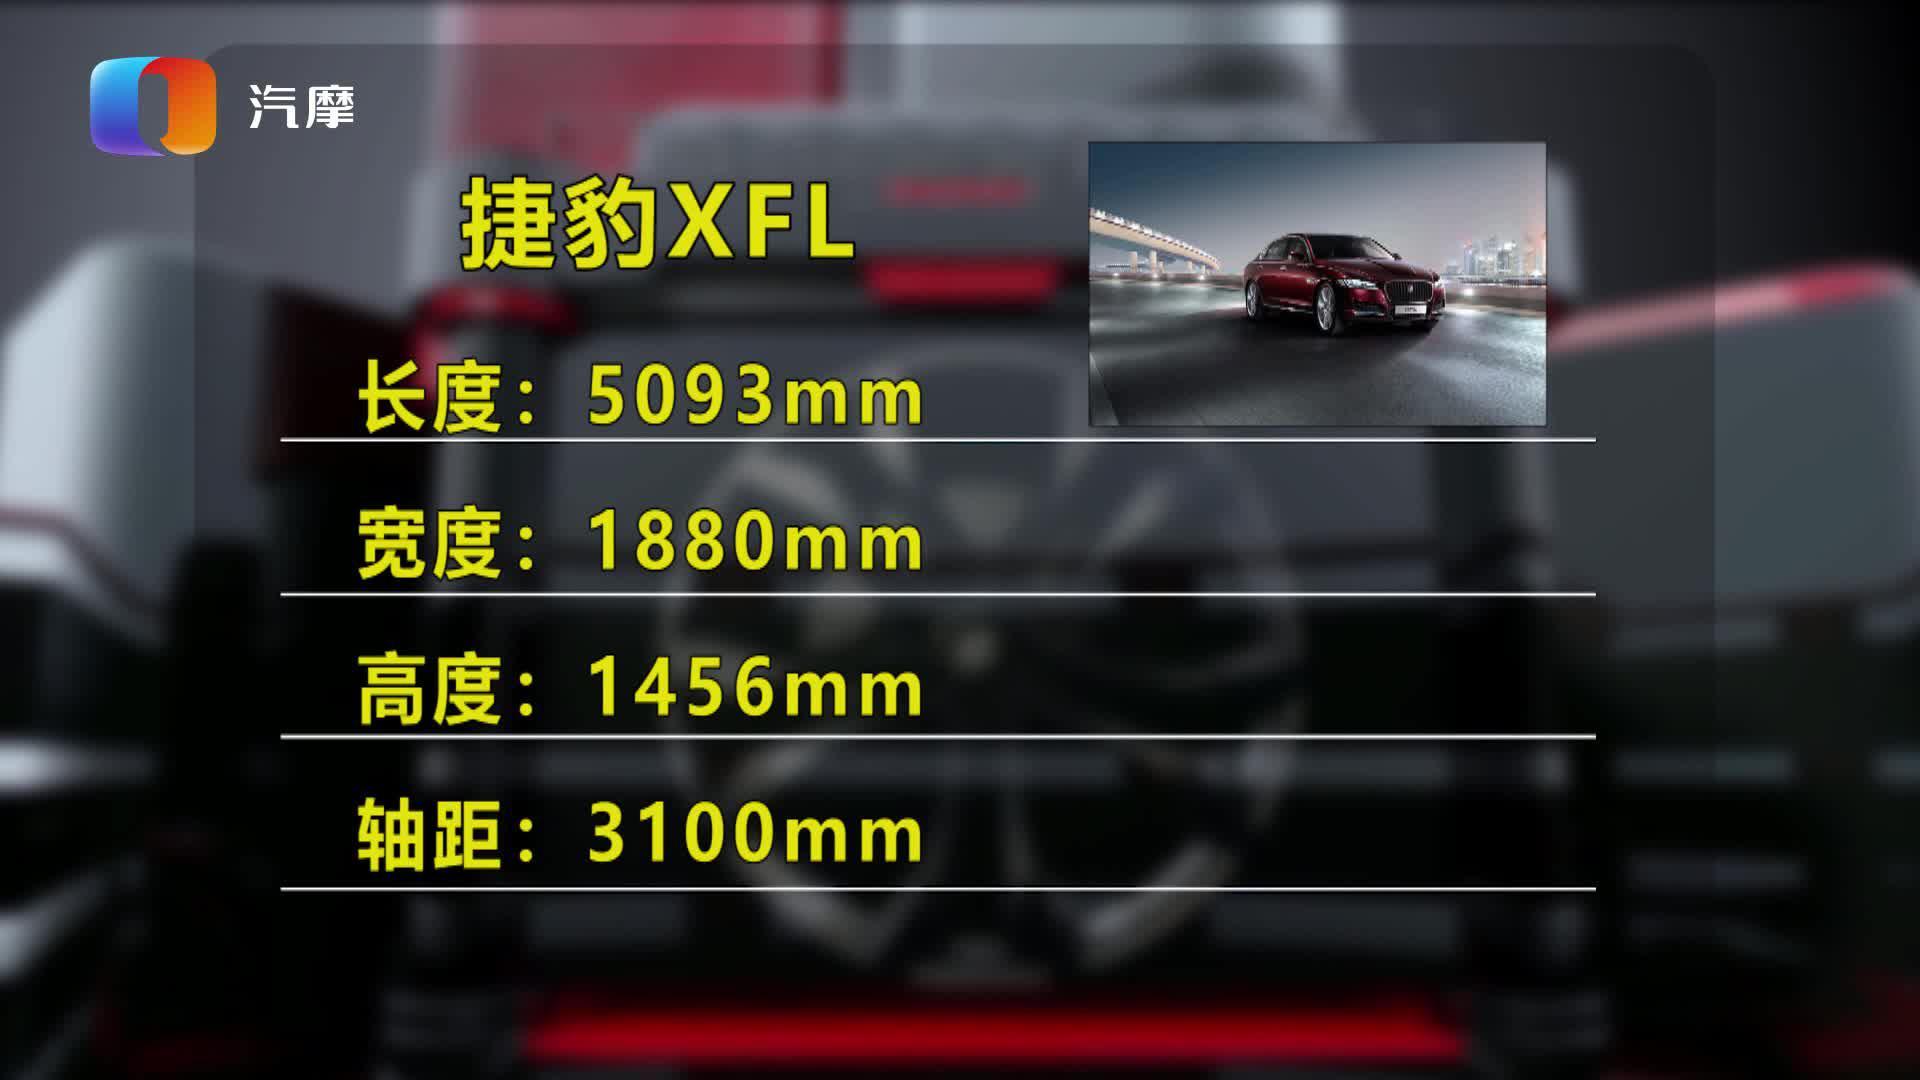 视频:捷豹XFL质量怎么样?三大件技术好吗?操控好不好?